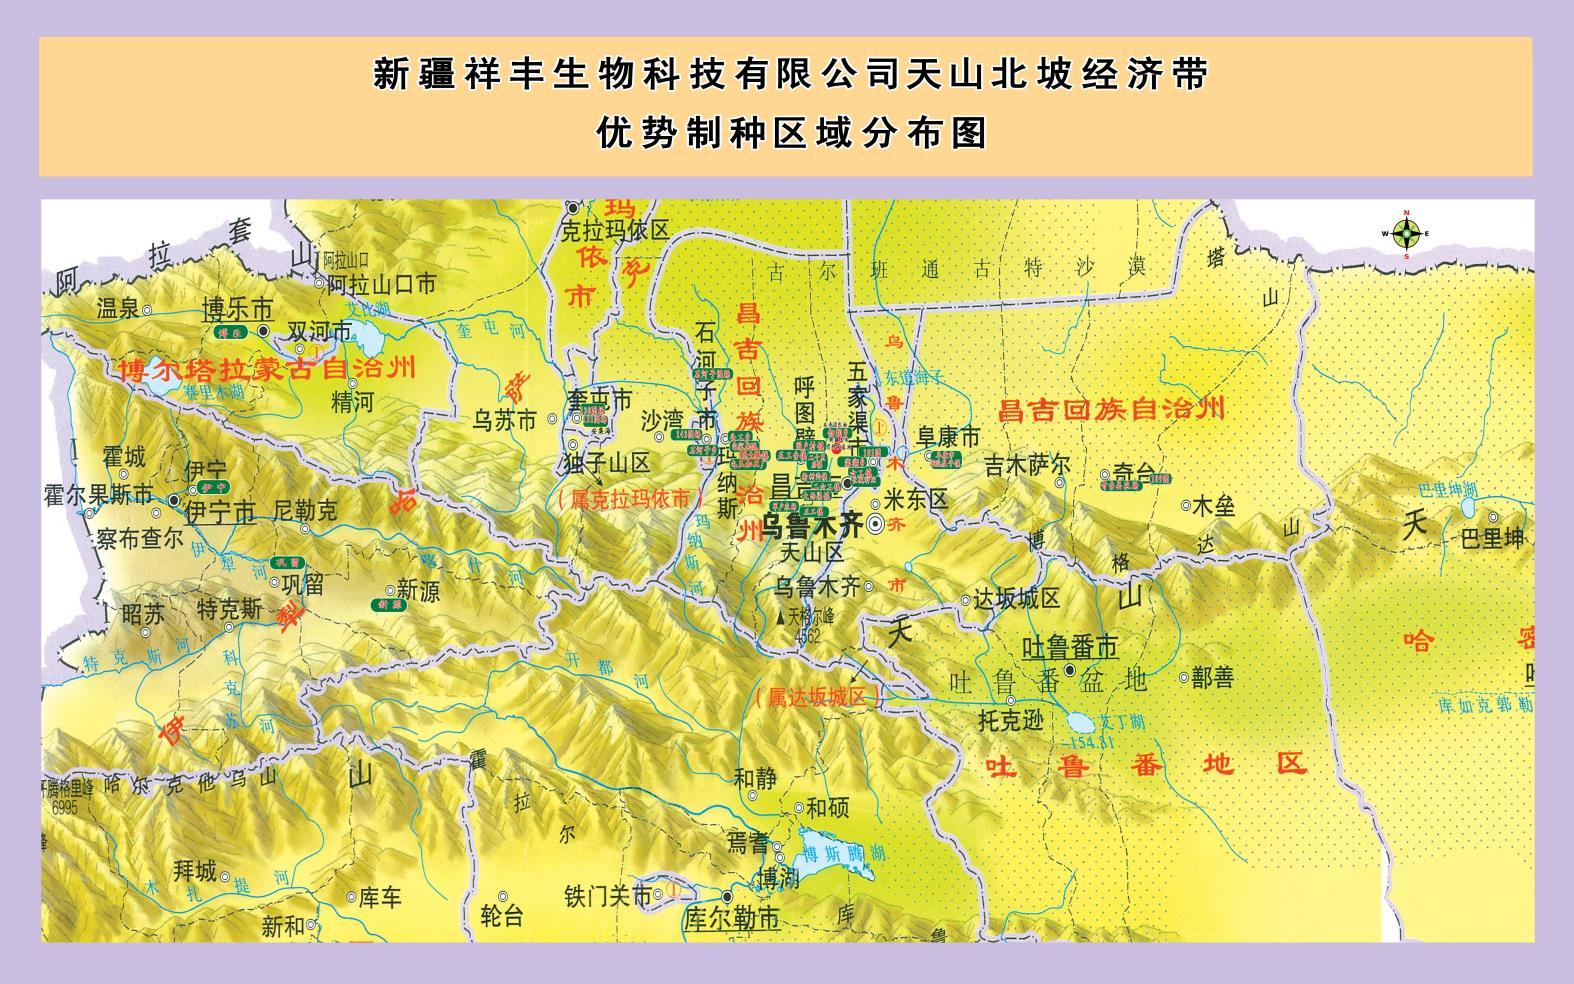 祥丰种业天山北坡经济带优势制种区域分布图